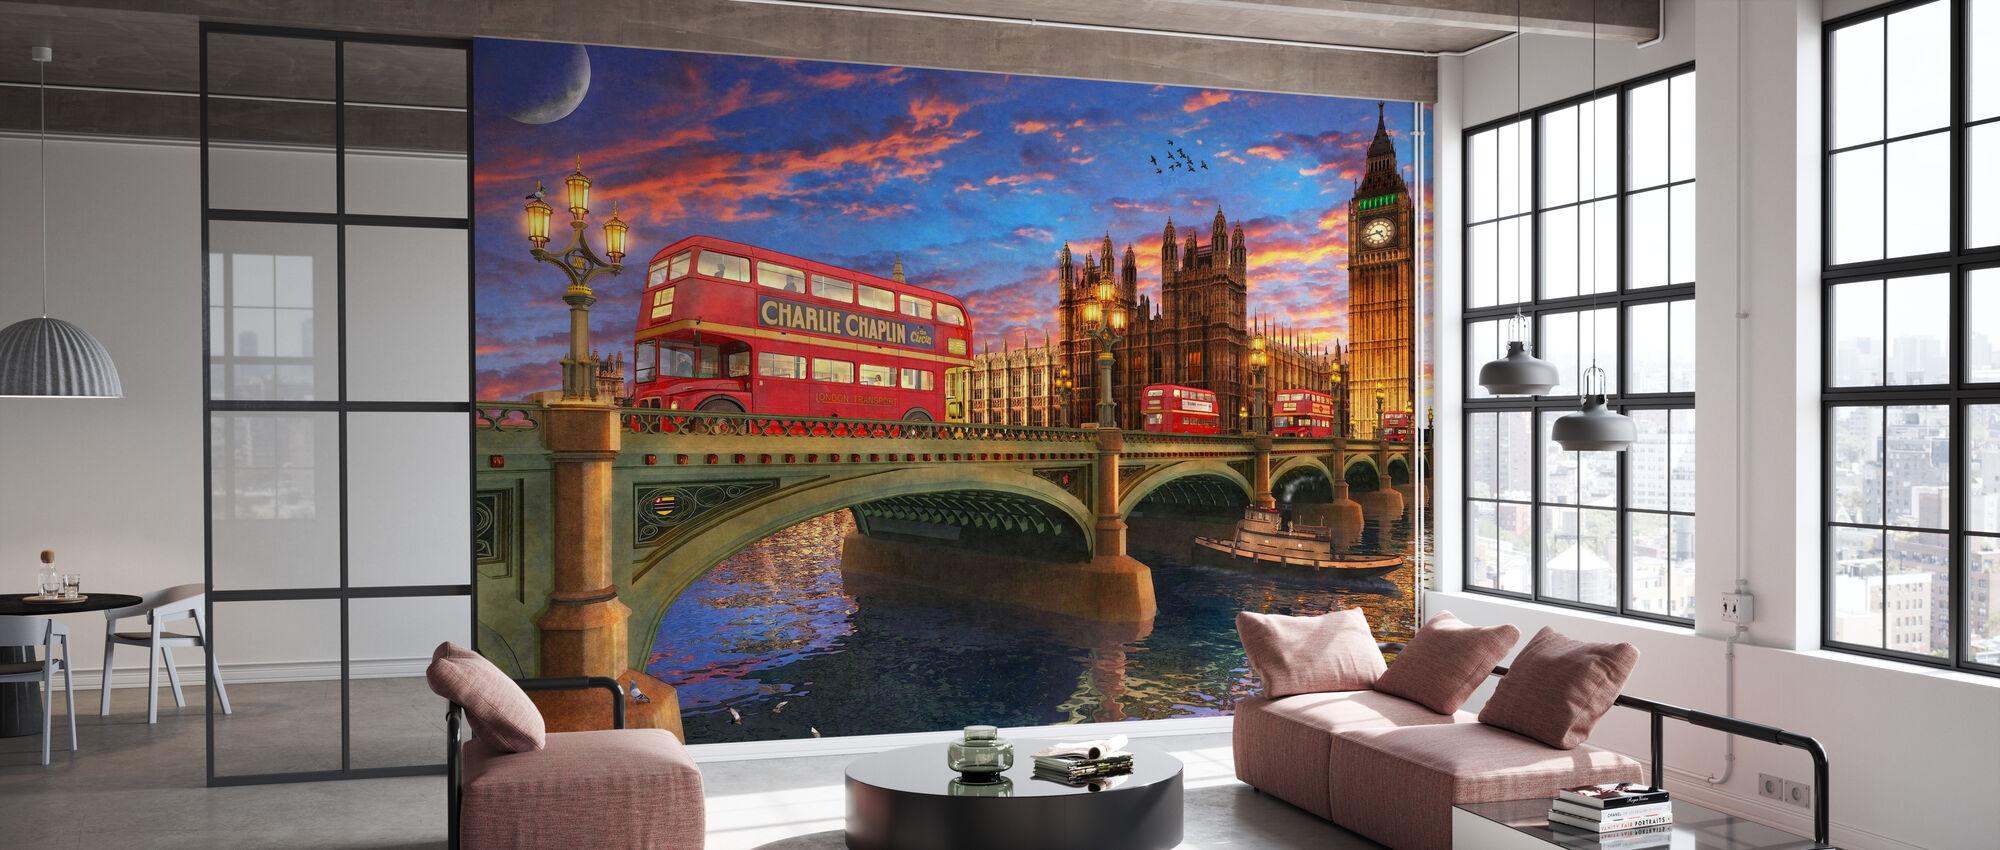 Sunset Over Parliament - Wallpaper - Office